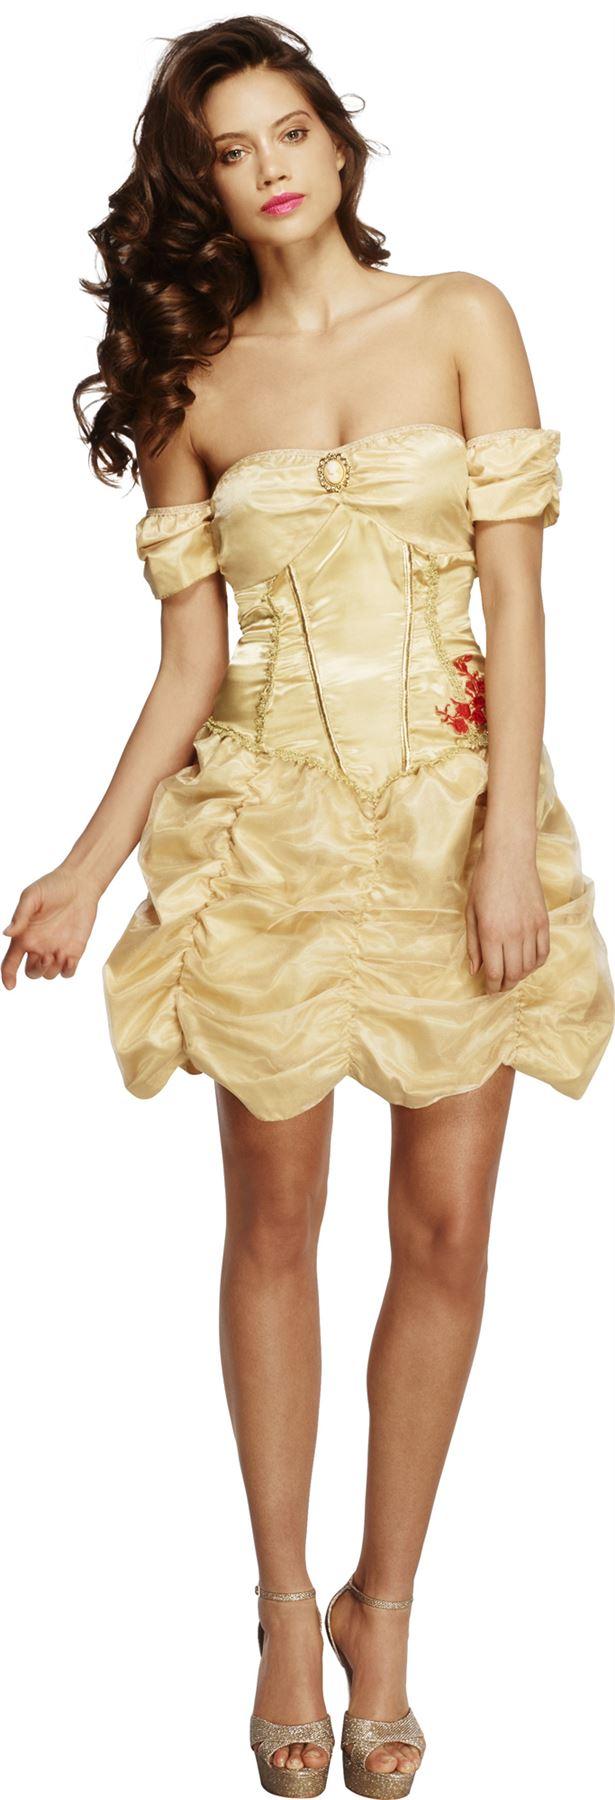 femmes-dore-princesse-conte-de-fees-BELLE-semaine-du-livre-costume-deguisement